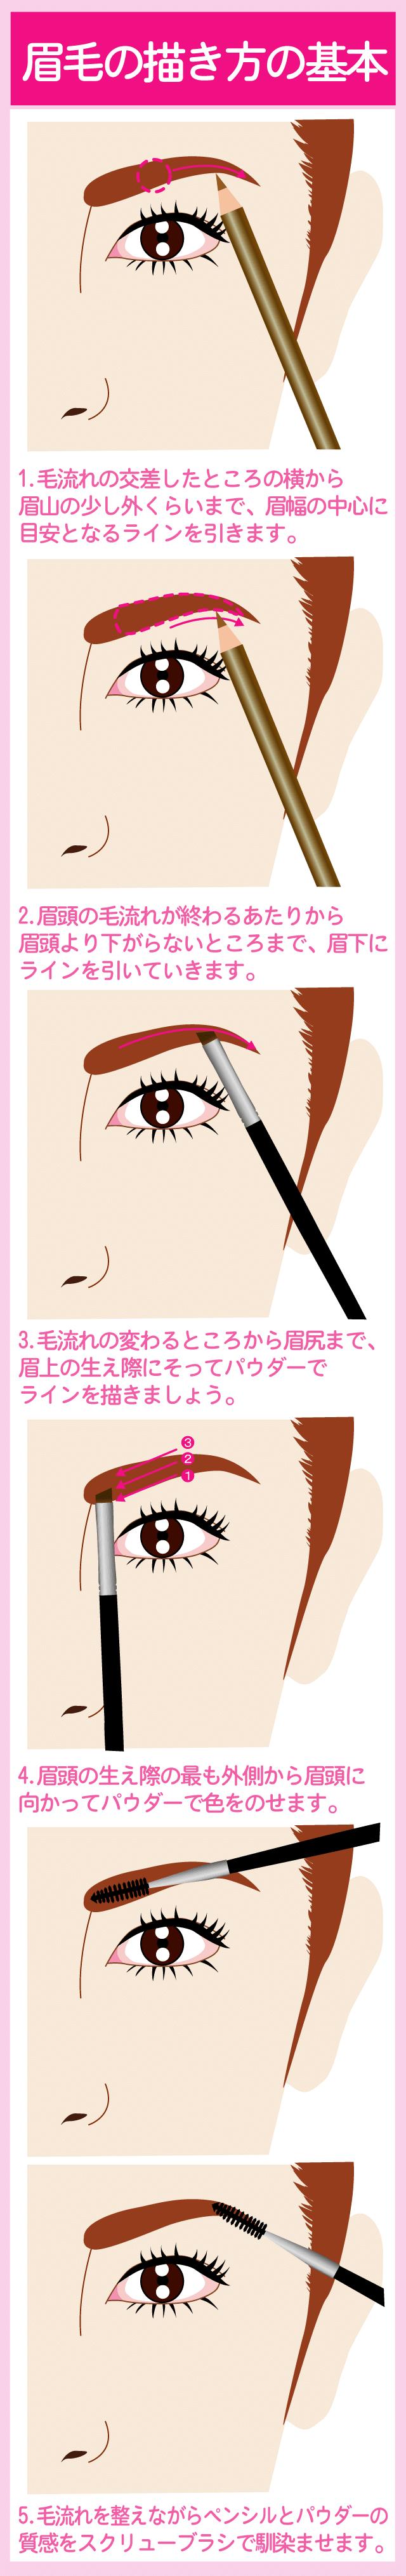 ナチュラルな眉メイクの基本ポイント